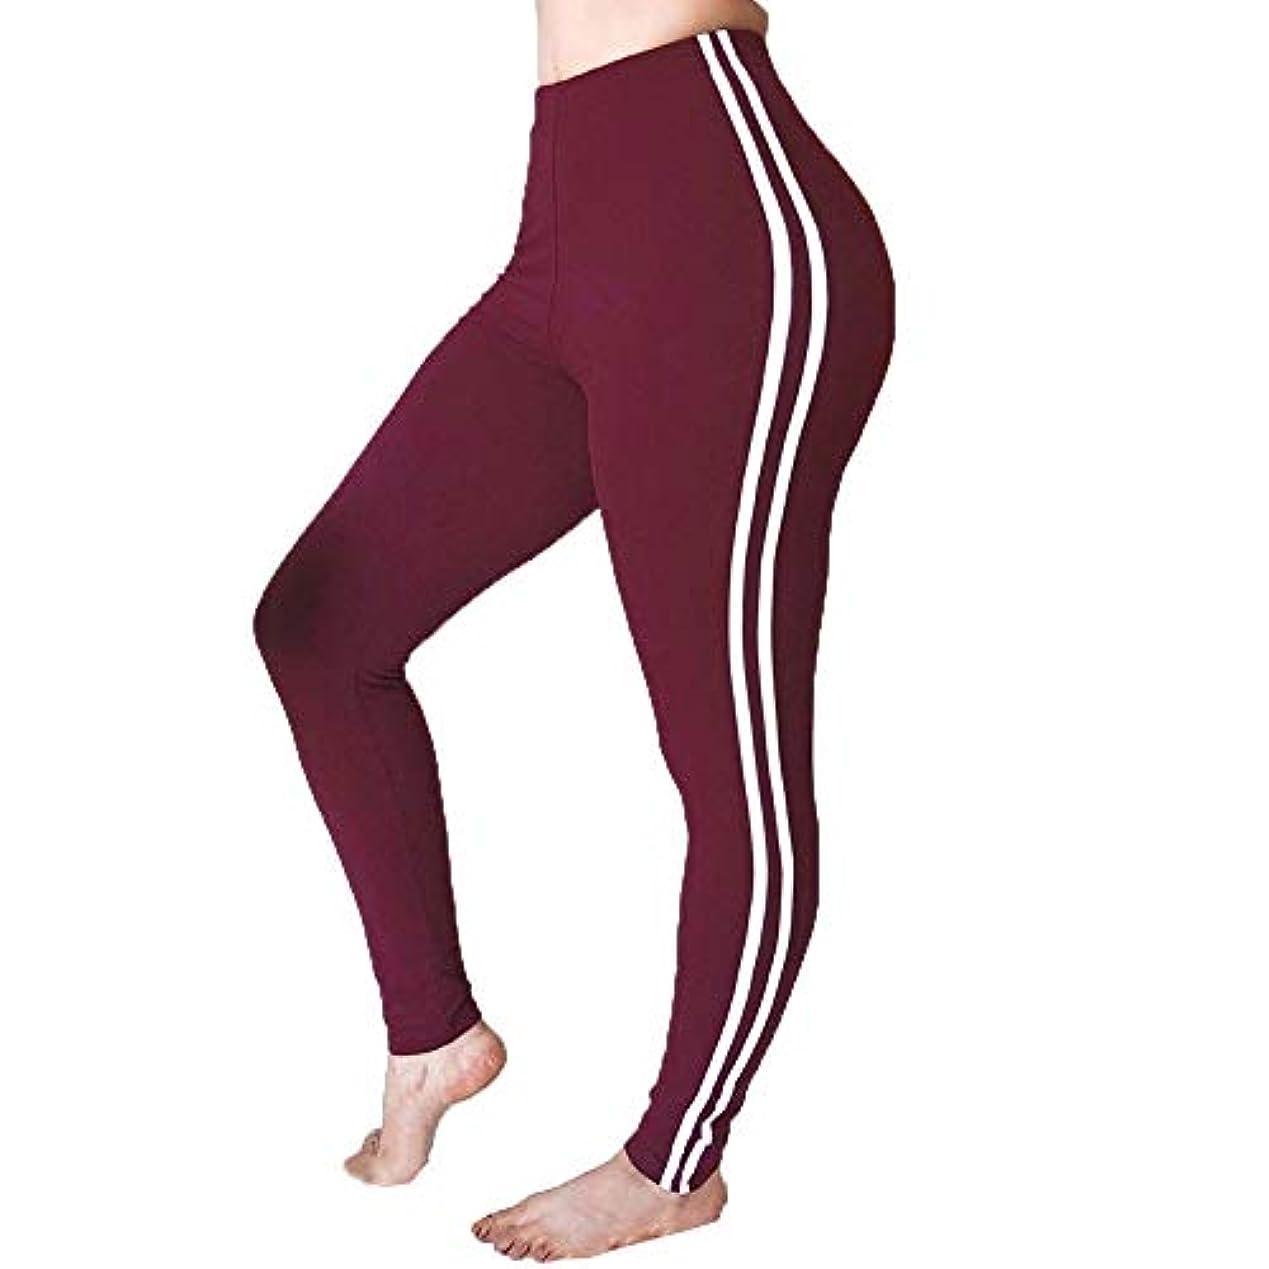 想起レッスン高いMIFAN 女性パンツ、ロングパンツ、ハイウエストパンツ、スポーツパンツ、スキニーパンツ、ヨガパンツ、